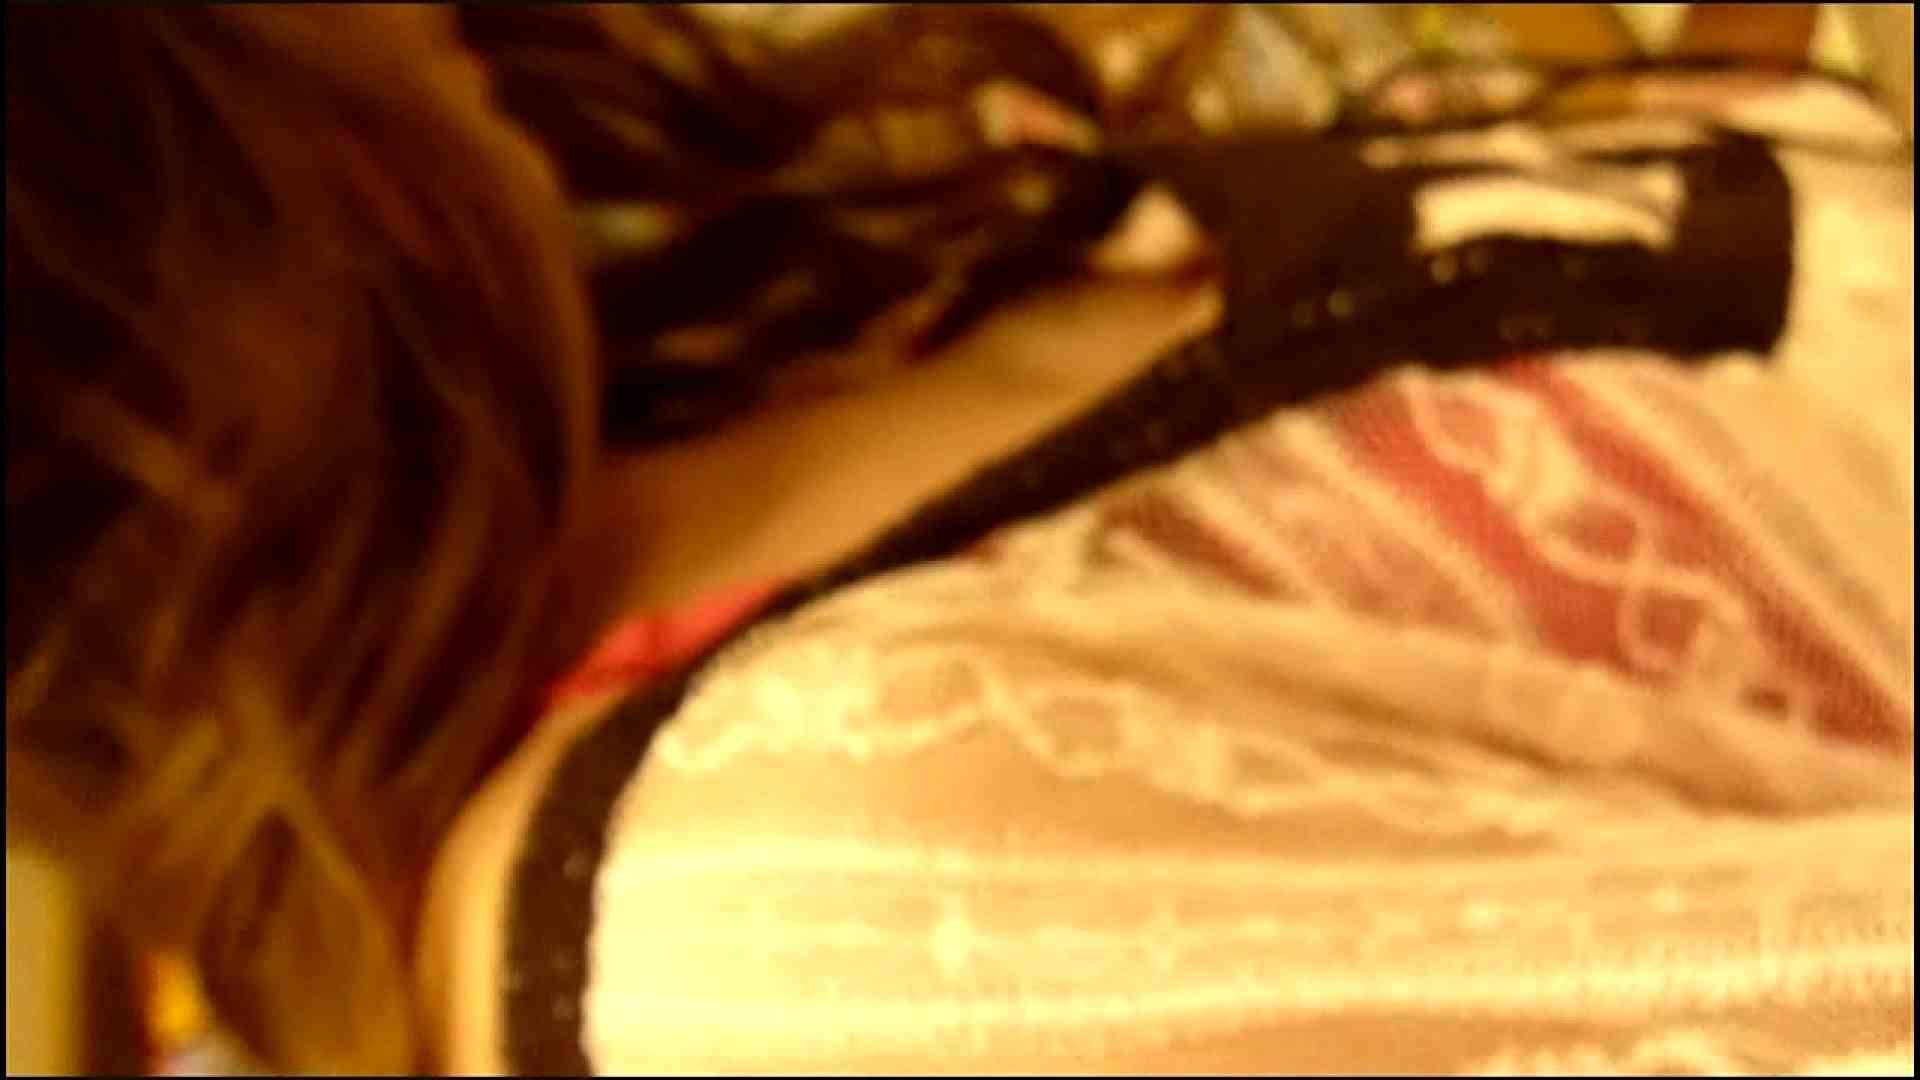 NO.2 本屋にいた巨乳ギャル 胸チラ | ギャル・コレクション  28連発 16